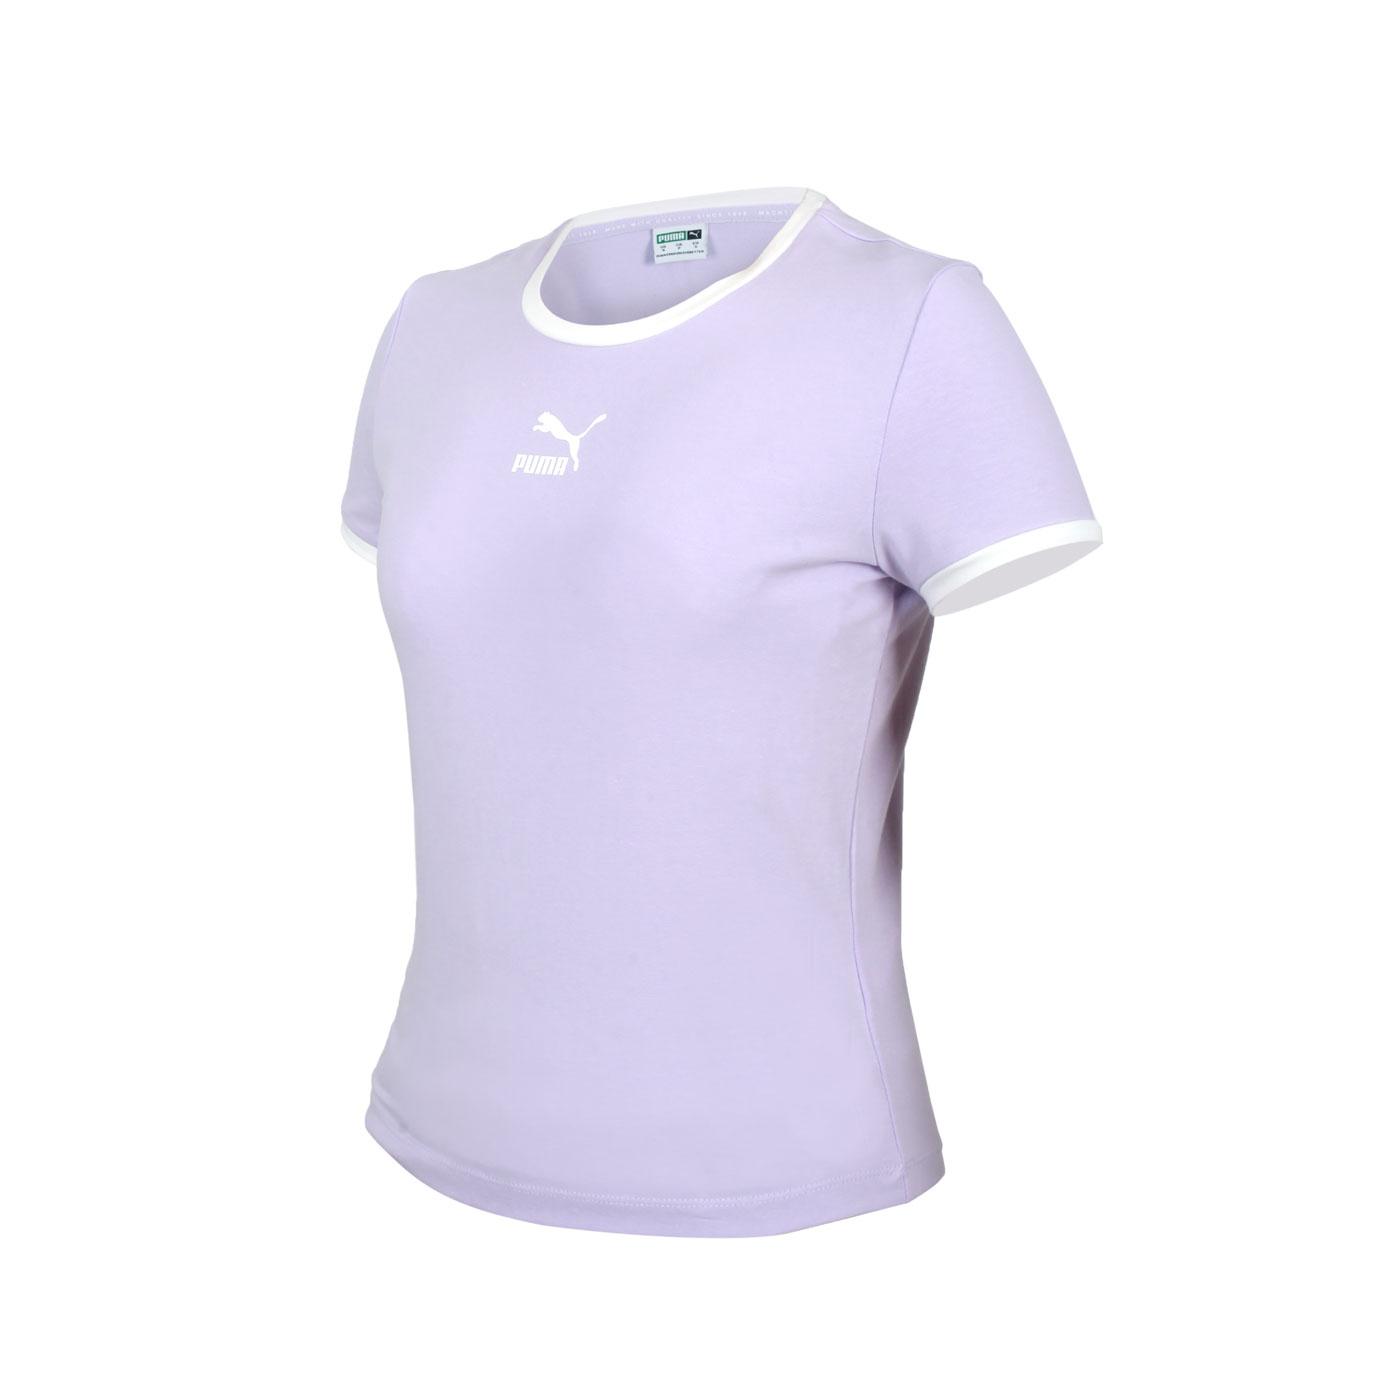 PUMA 女款貼身短袖T恤 59957716